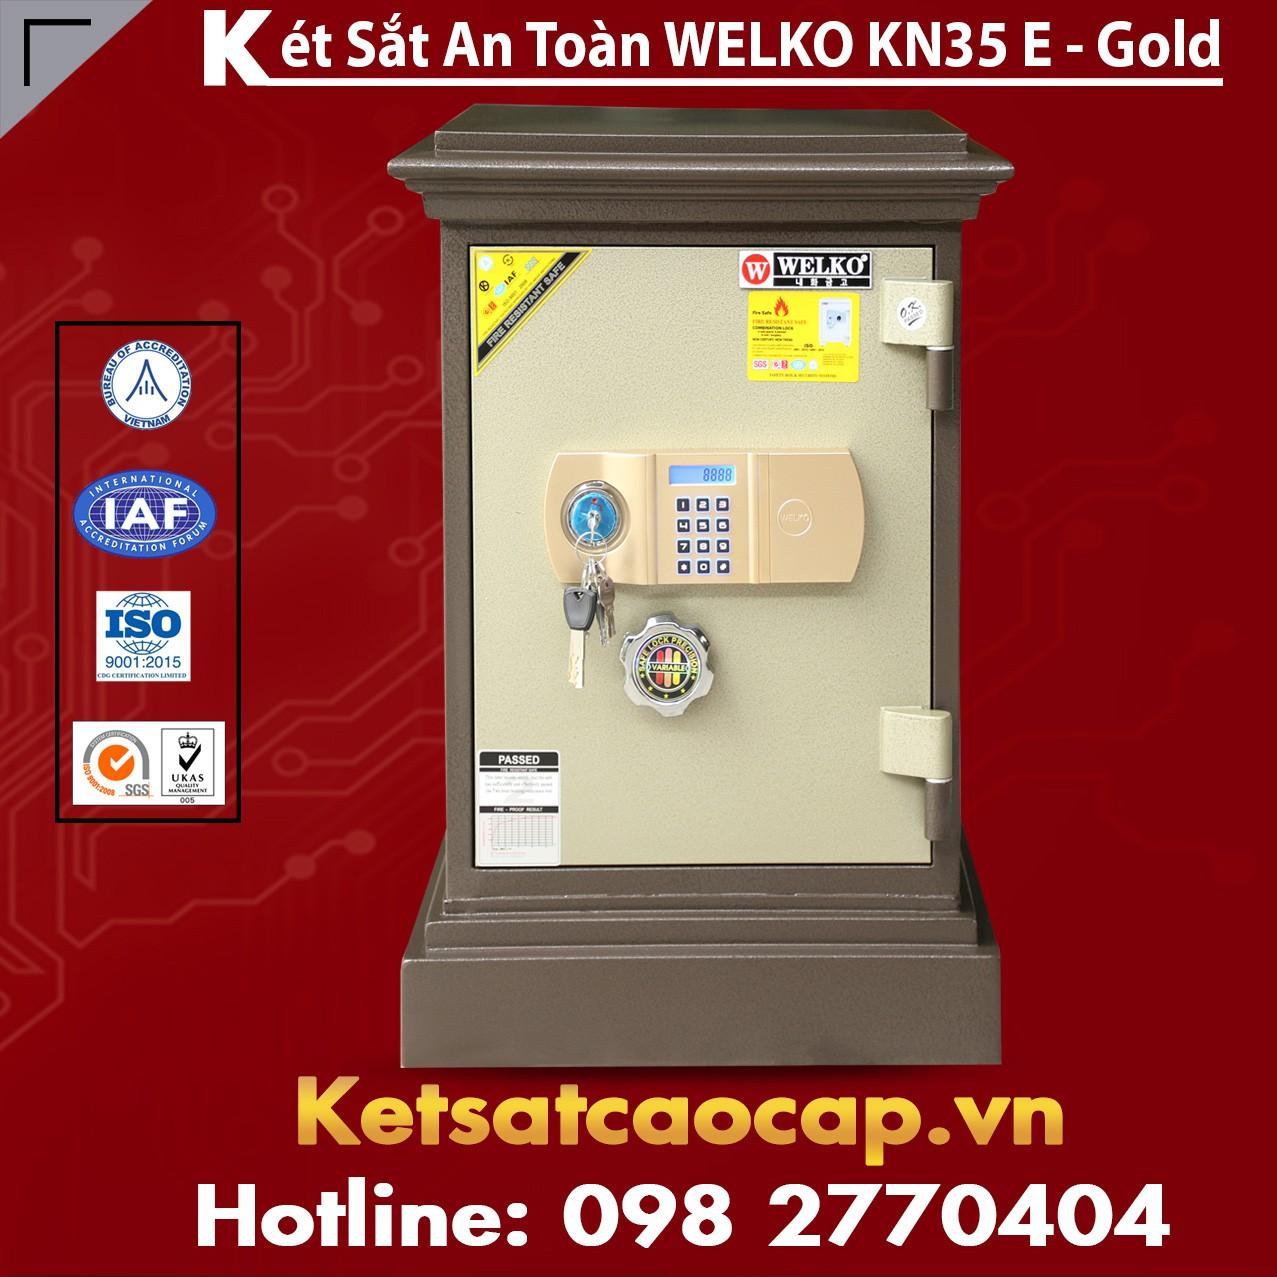 Két Sắt Công Ty Văn Phòng WELKO KN35 Brown - E Gold